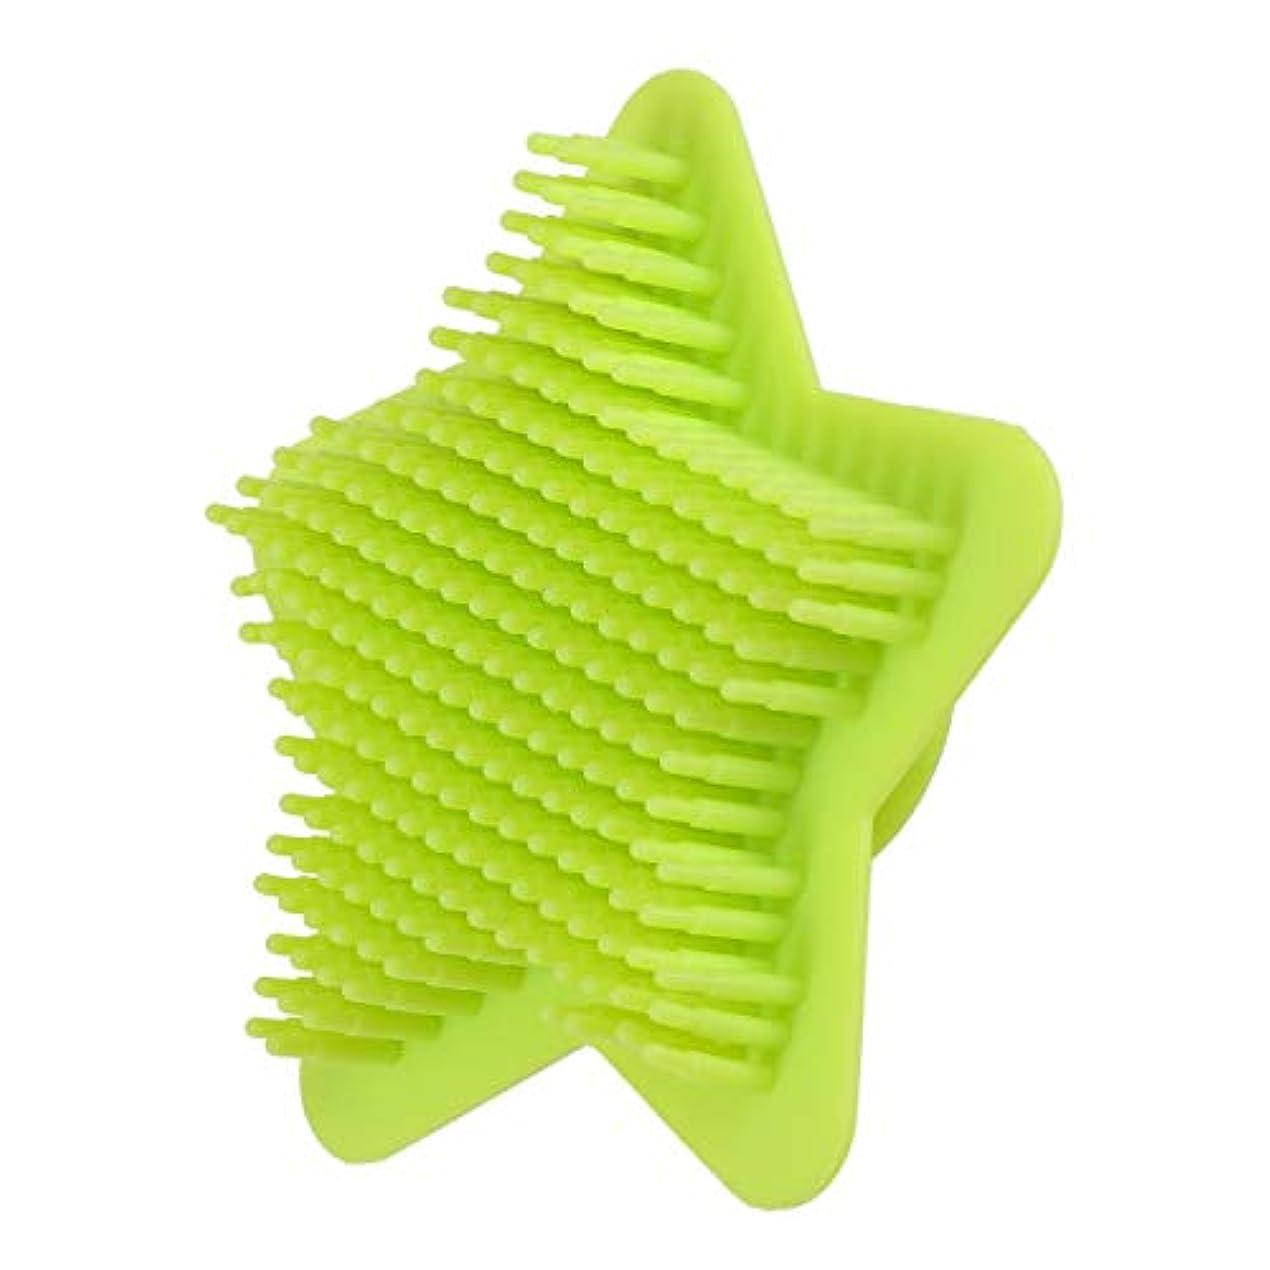 算術モンク測定可能Healifty ヘアシャンプーブラシ頭皮シャワースクラバーマッサージブラシバスブラシソフトボディマッサージャー洗浄コームボディシャワーバスブラシ(グリーン)